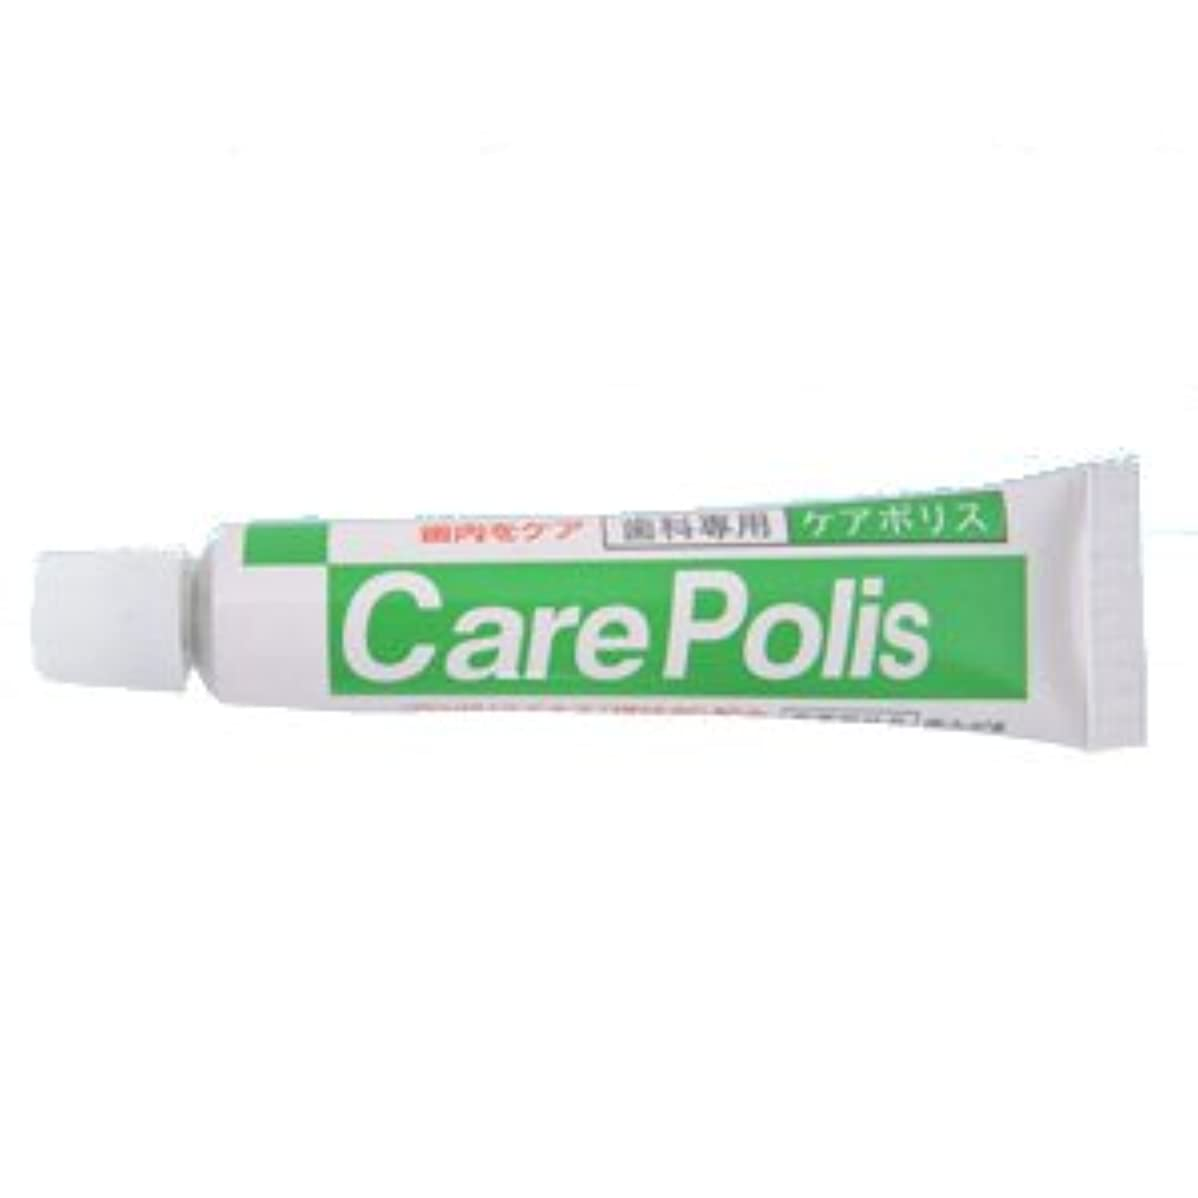 そうでなければ値するいいね薬用歯磨 ケアポリス 7g 医薬部外品